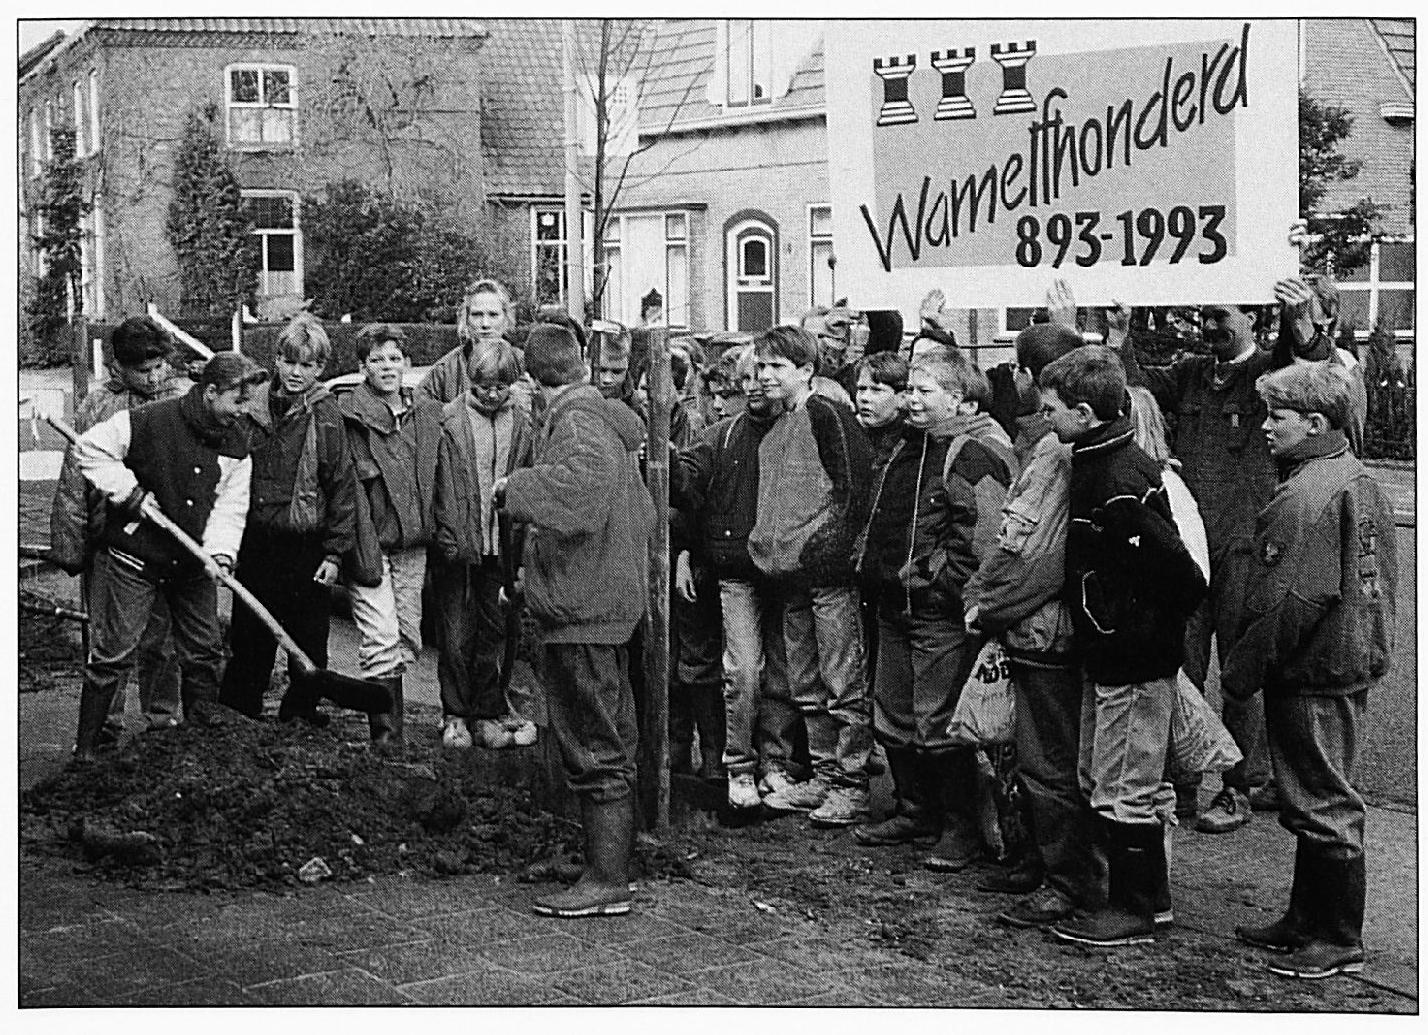 Boomplantdag 1992; in het kader van het elfhonderd-jarig bestaan van Wamel worden in de Dorpsstraat een groot aantal leilinden geplant doorgroep 8 van De Laak.